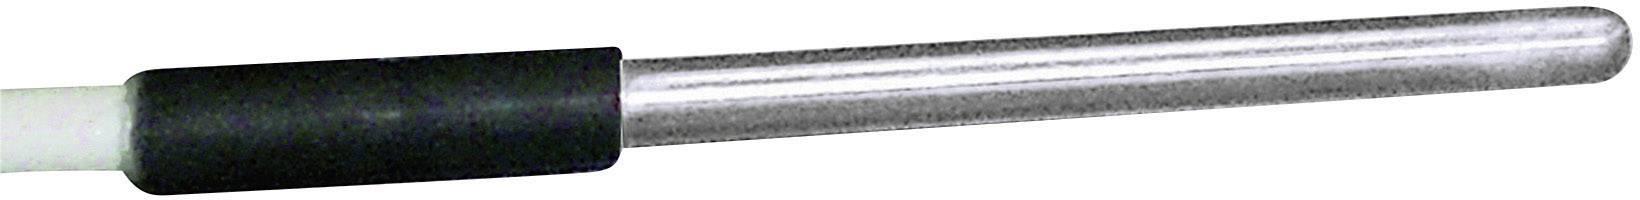 Teplotné čidlo Dostmann Electronic Pt1000, -200 až +250 °C